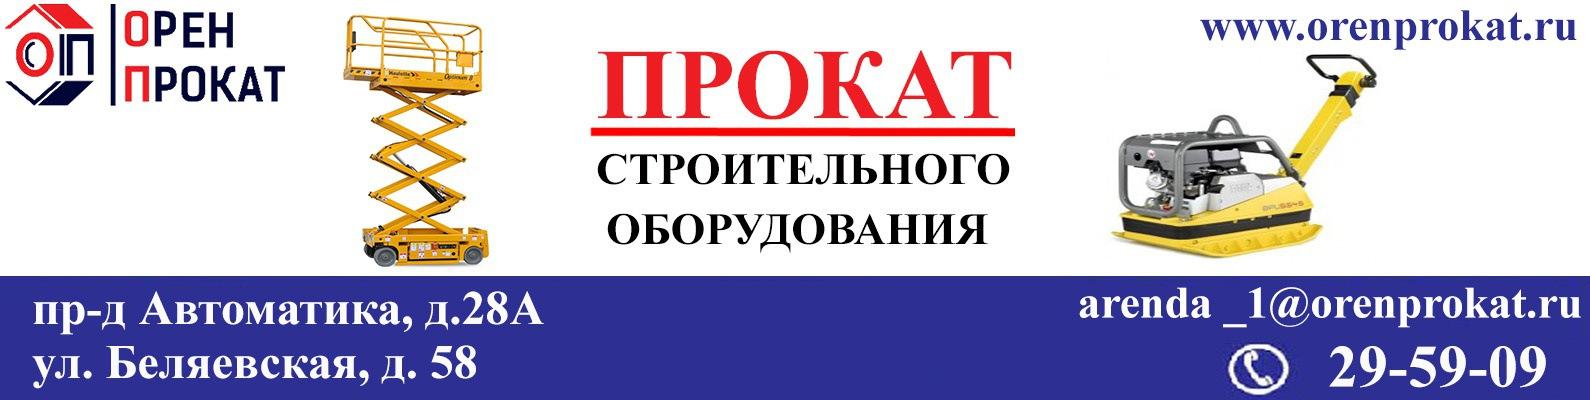 Вибрационное оборудование в Оренбург шлюзовый затвор в Шахты